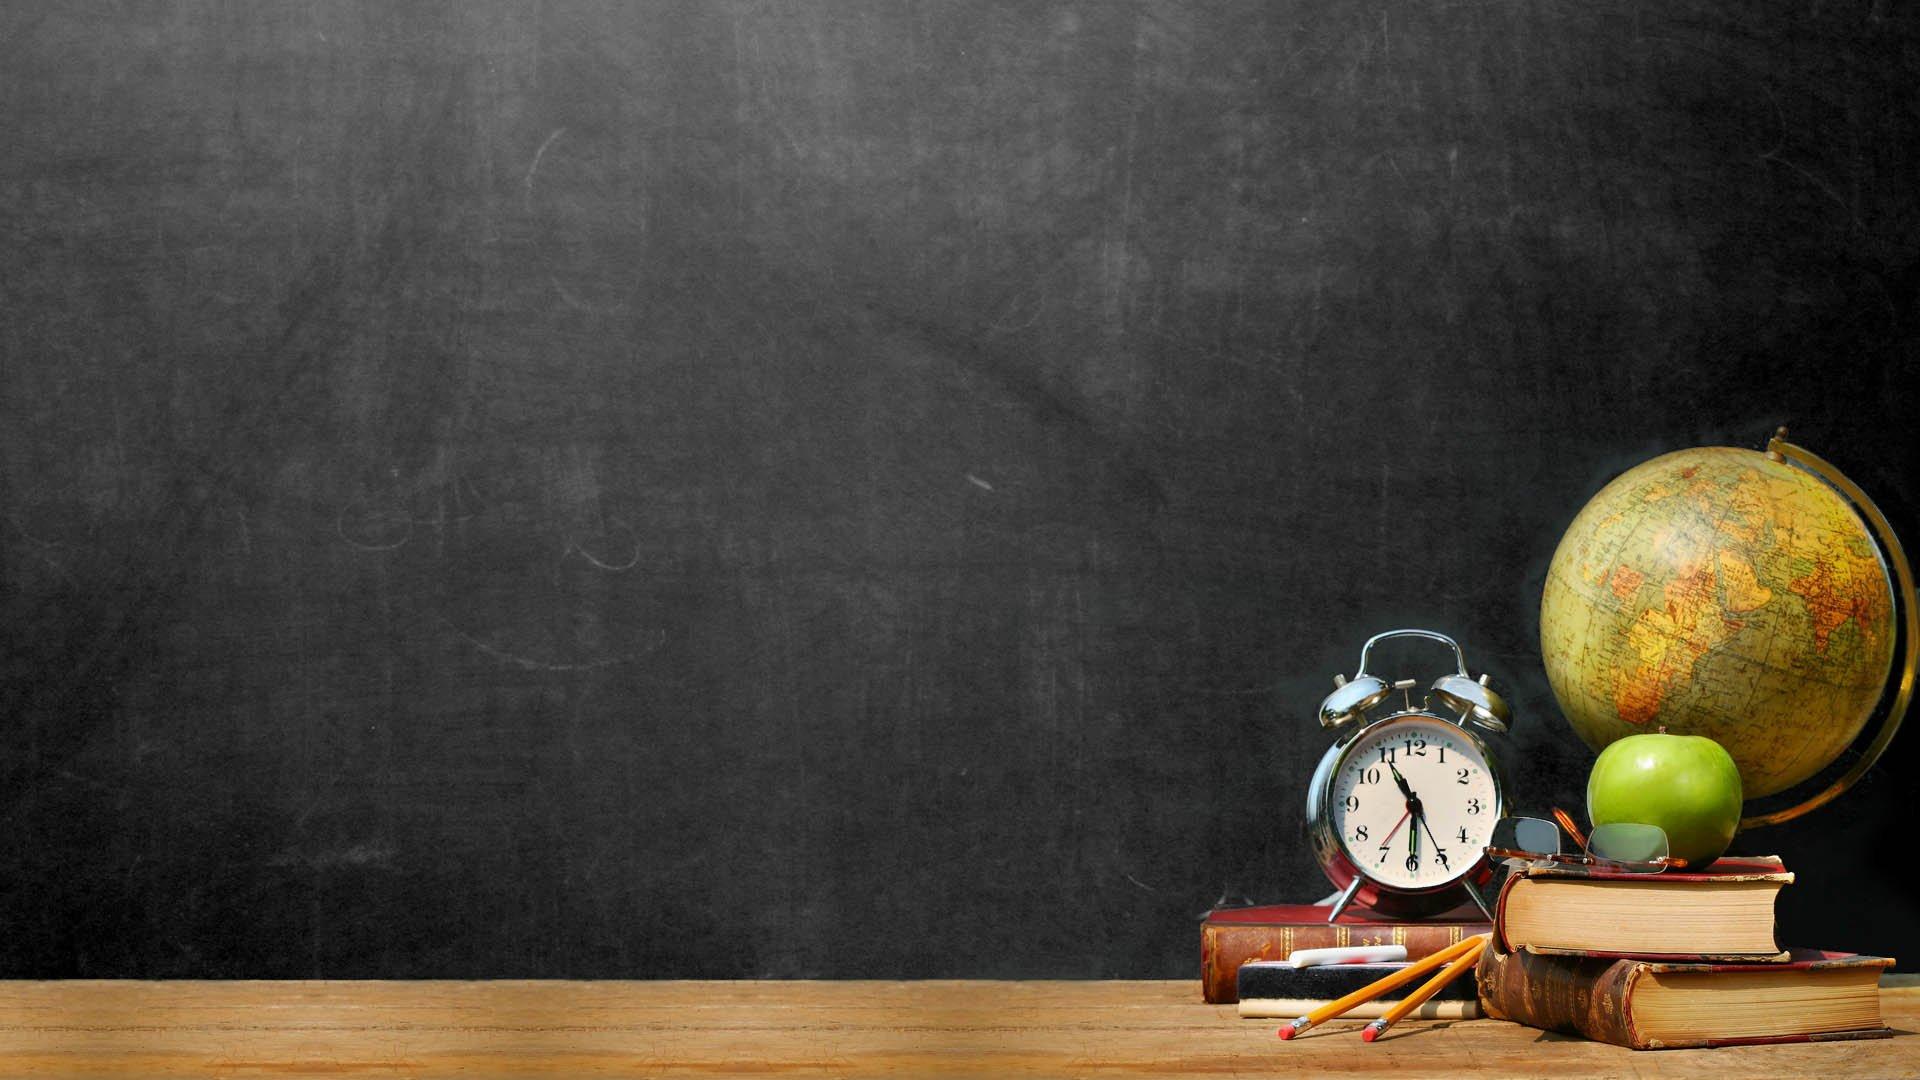 Фоновые картинки про школу